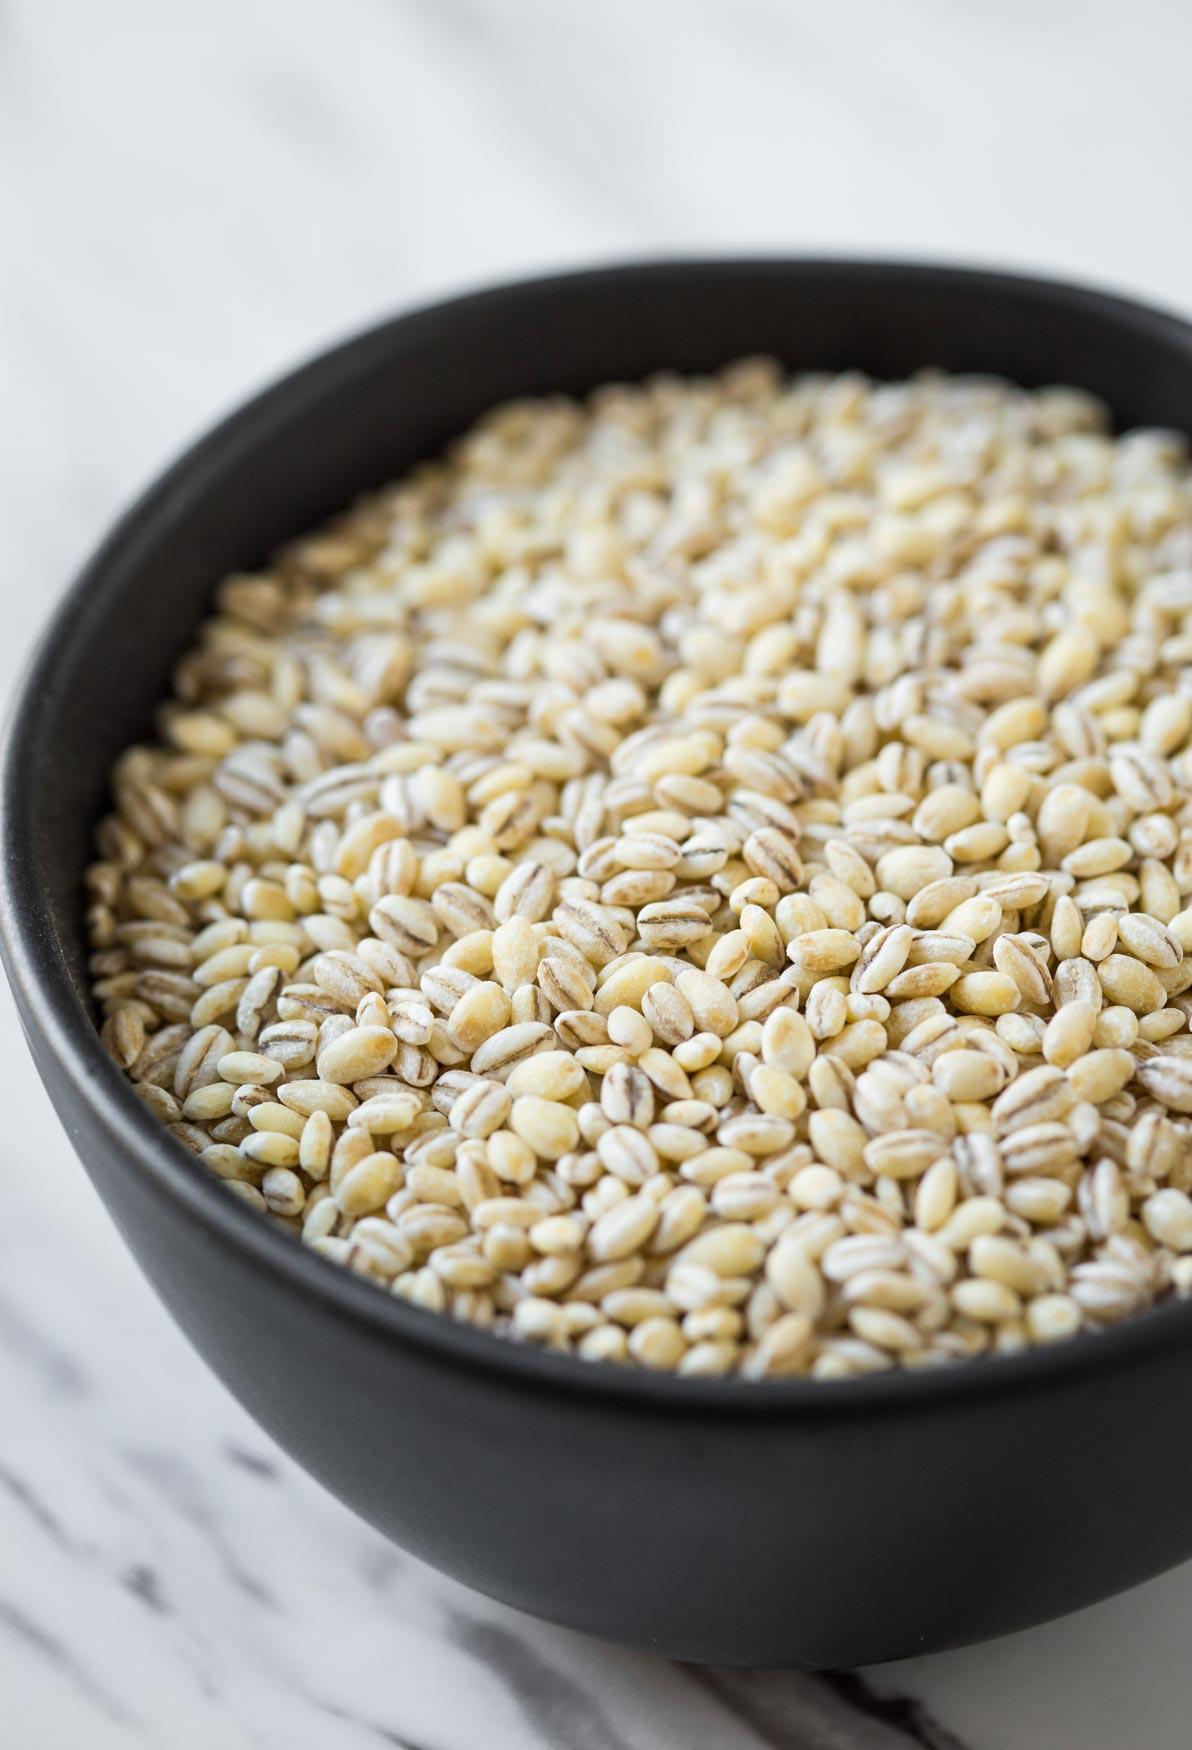 Pearl barley grains for making Vegetable Barley Soup. #barleysoup